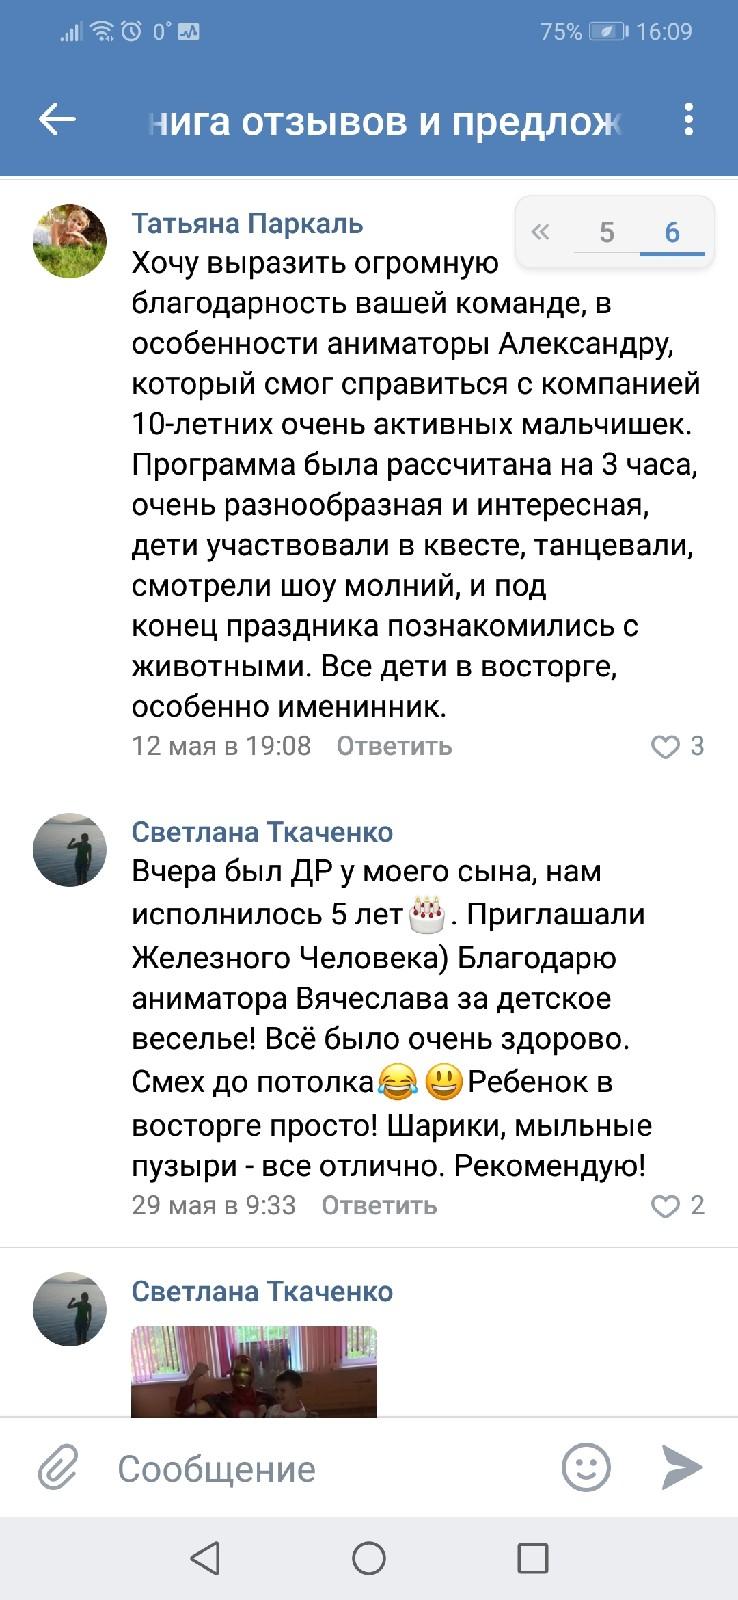 Отзывы об аниматорах в Красноярске